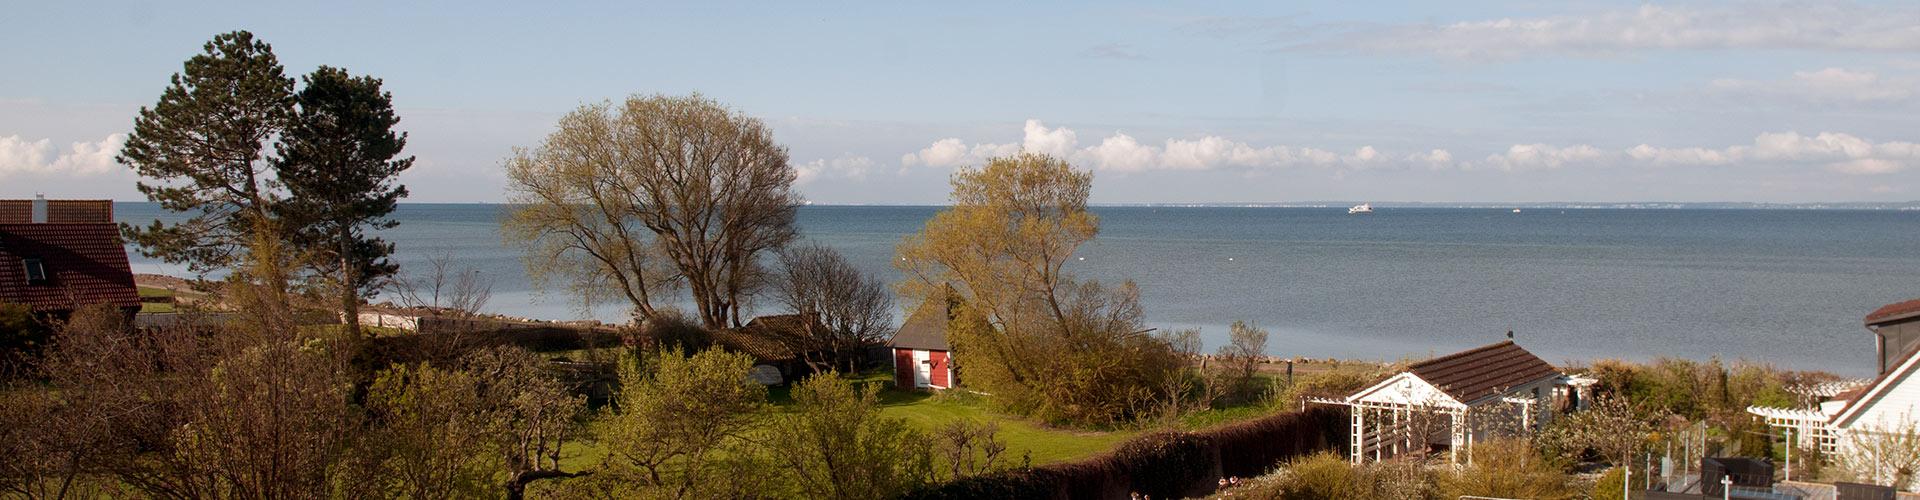 Panoramabild över Öresund